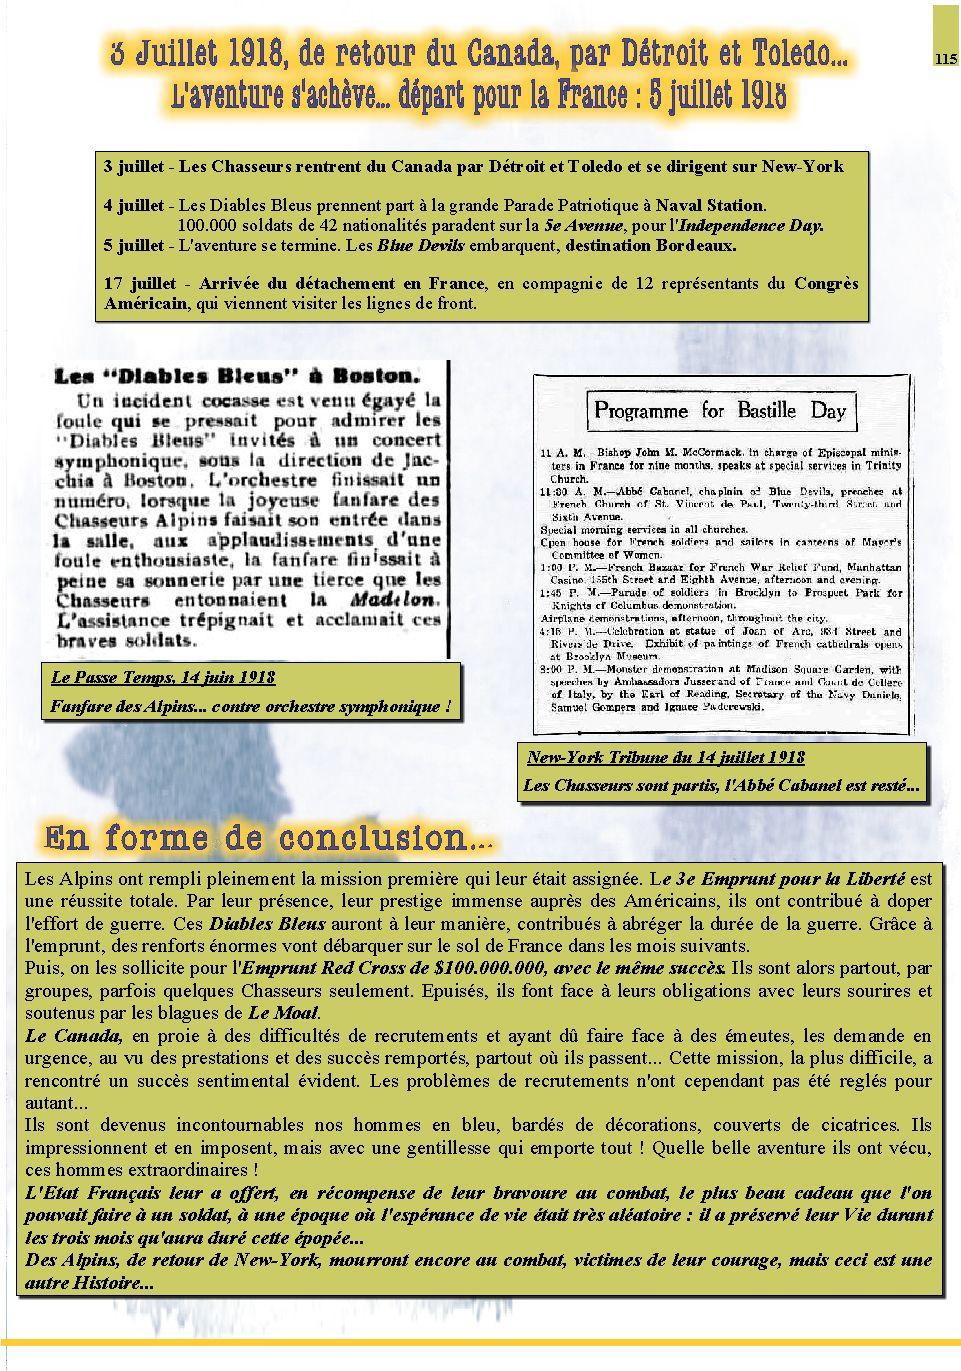 Les Alpins Français à New-York - Le Centenaire Page_135